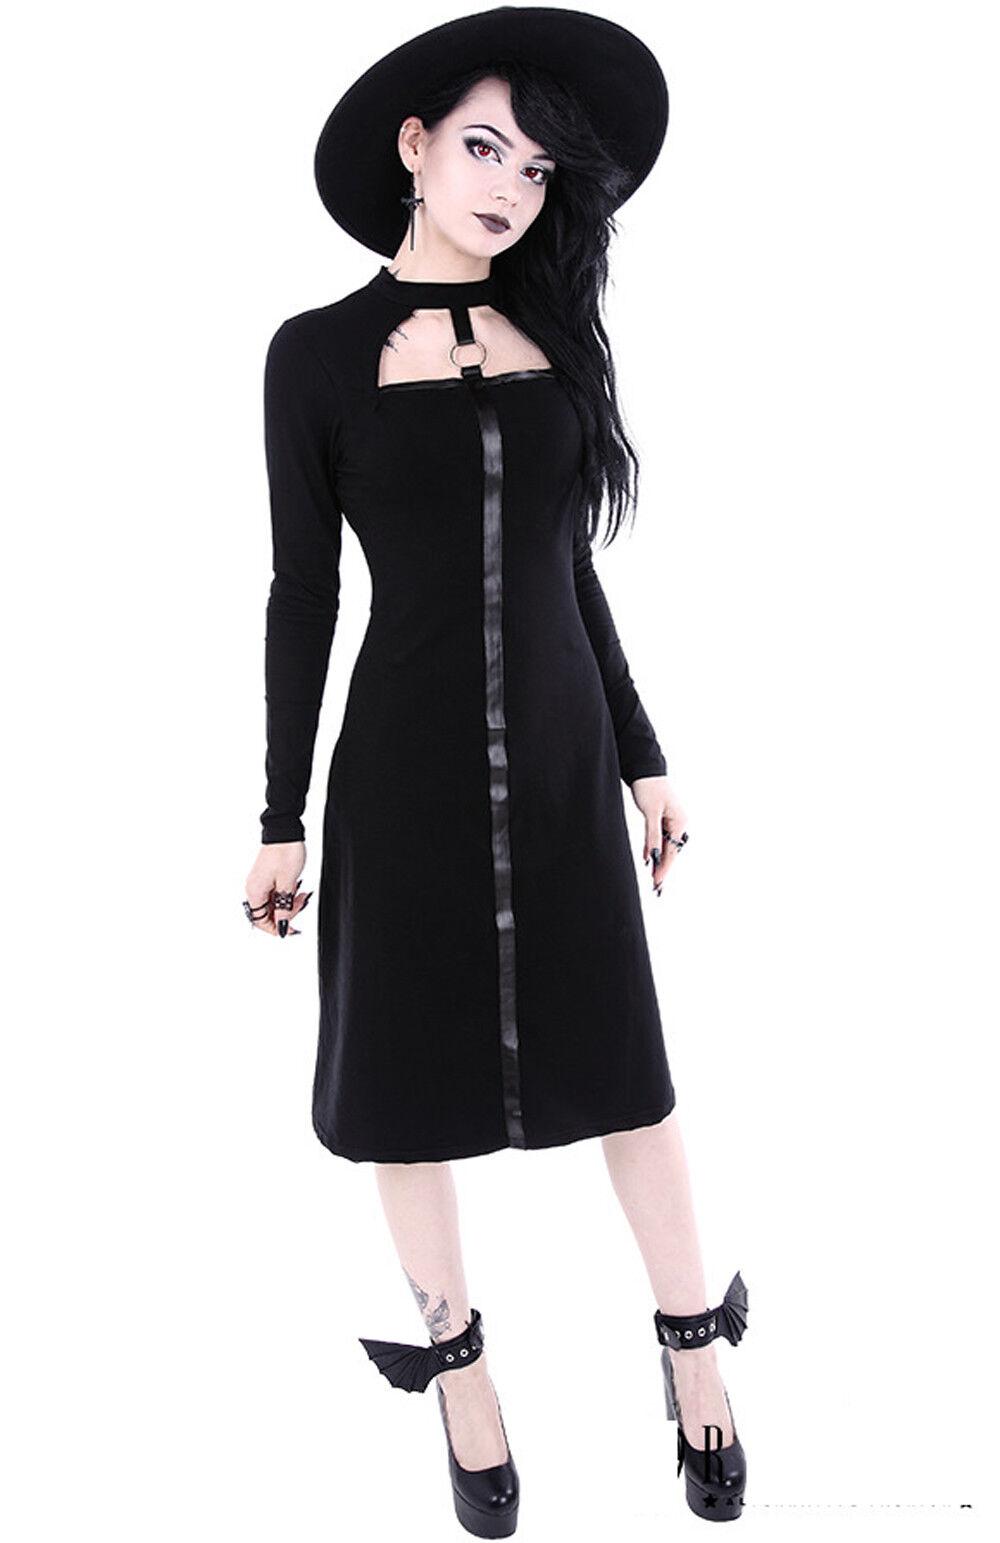 Restyle Langarm Kleid O-Ring Dress Kunstleder band Schwarz Gothic Figur betont